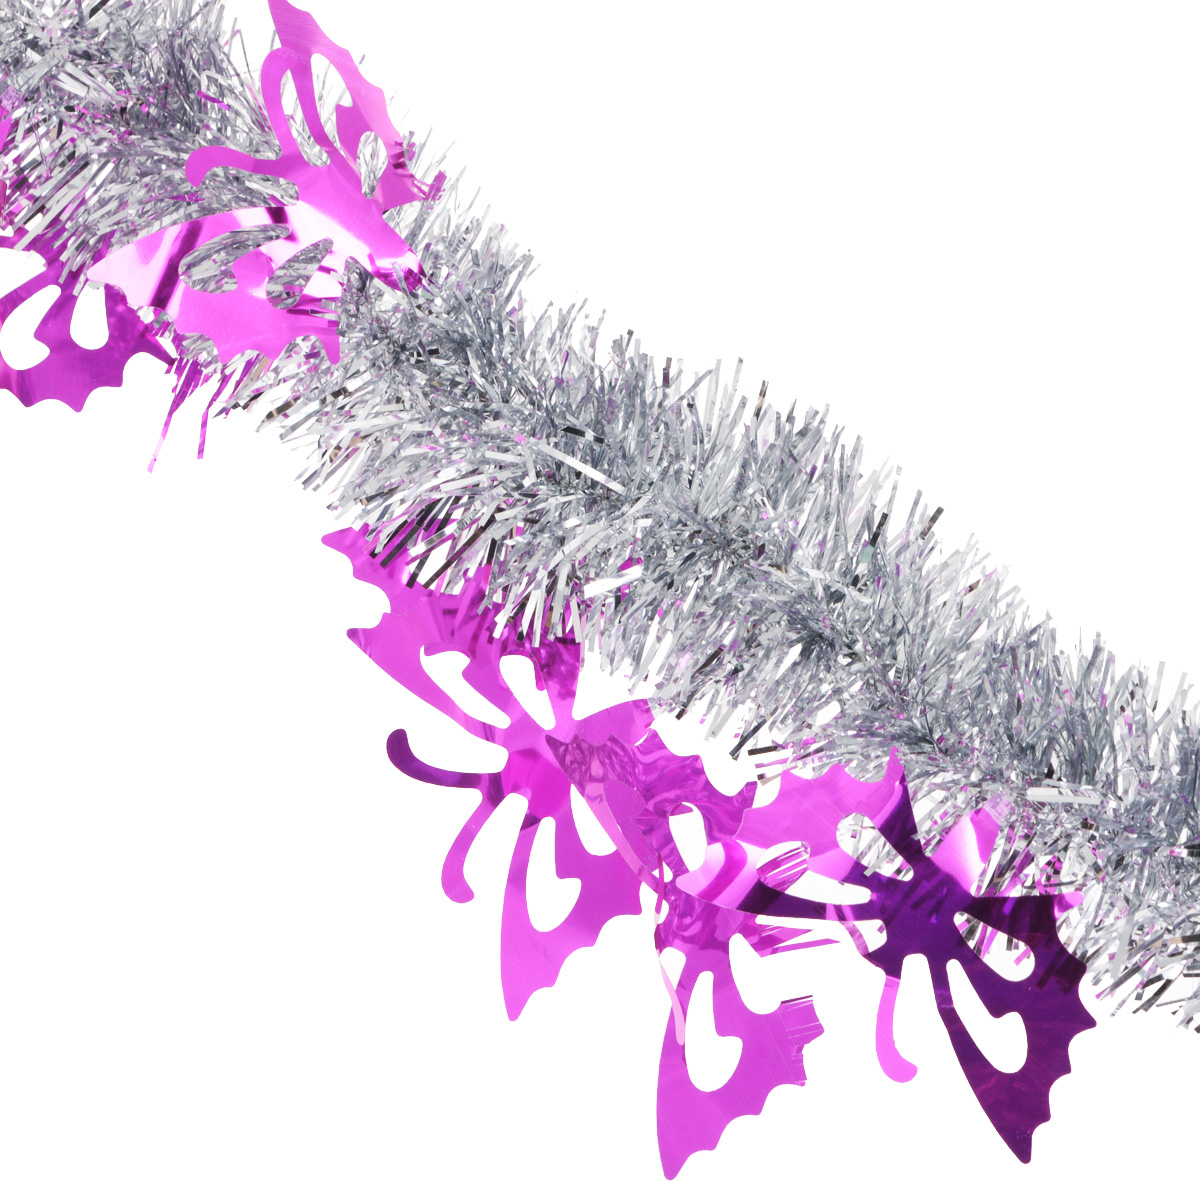 Мишура новогодняя Sima-land, цвет: серебристый, фиолетовый, диаметр 5 см, длина 200 см мишура новогодняя eurohouse праздничная цвет сиреневый серебристый диаметр 9 см длина 200 см